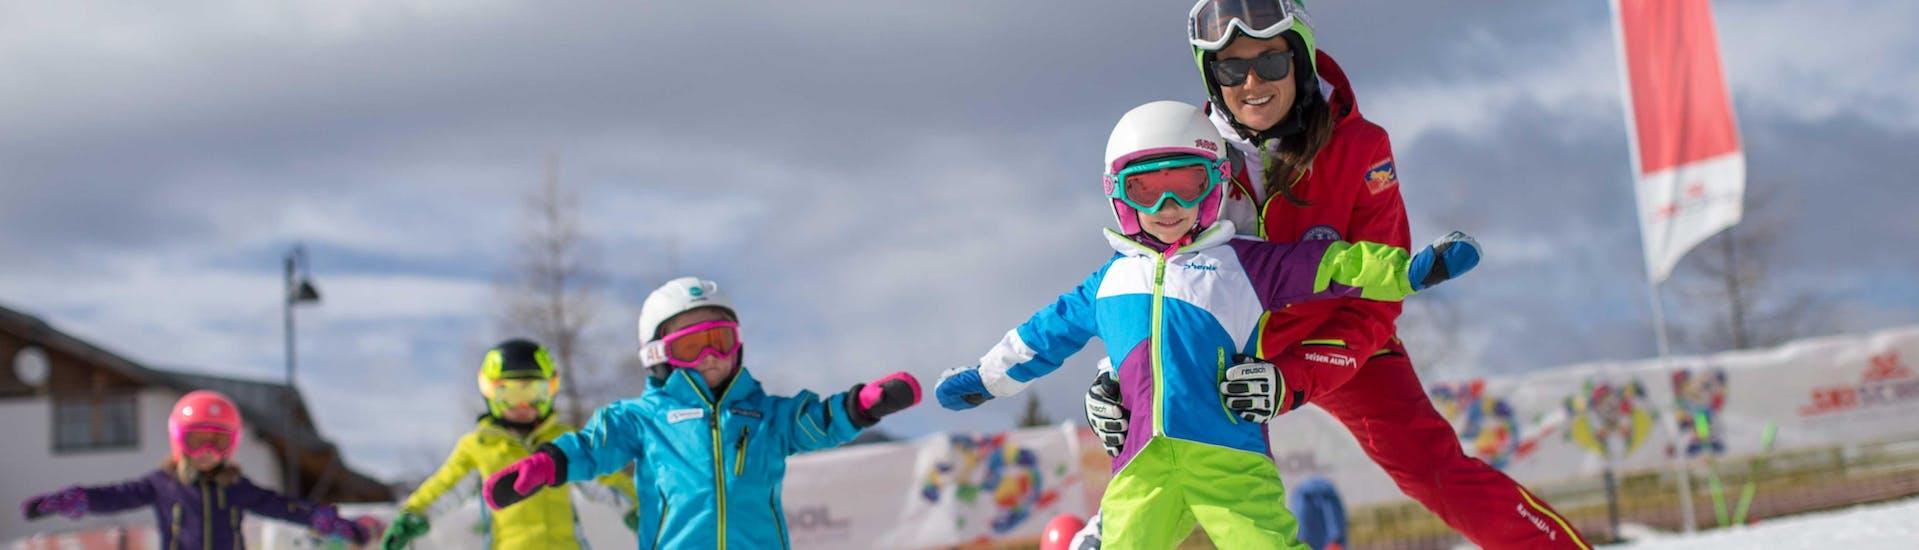 Lezioni private di sci per bambini - Festività